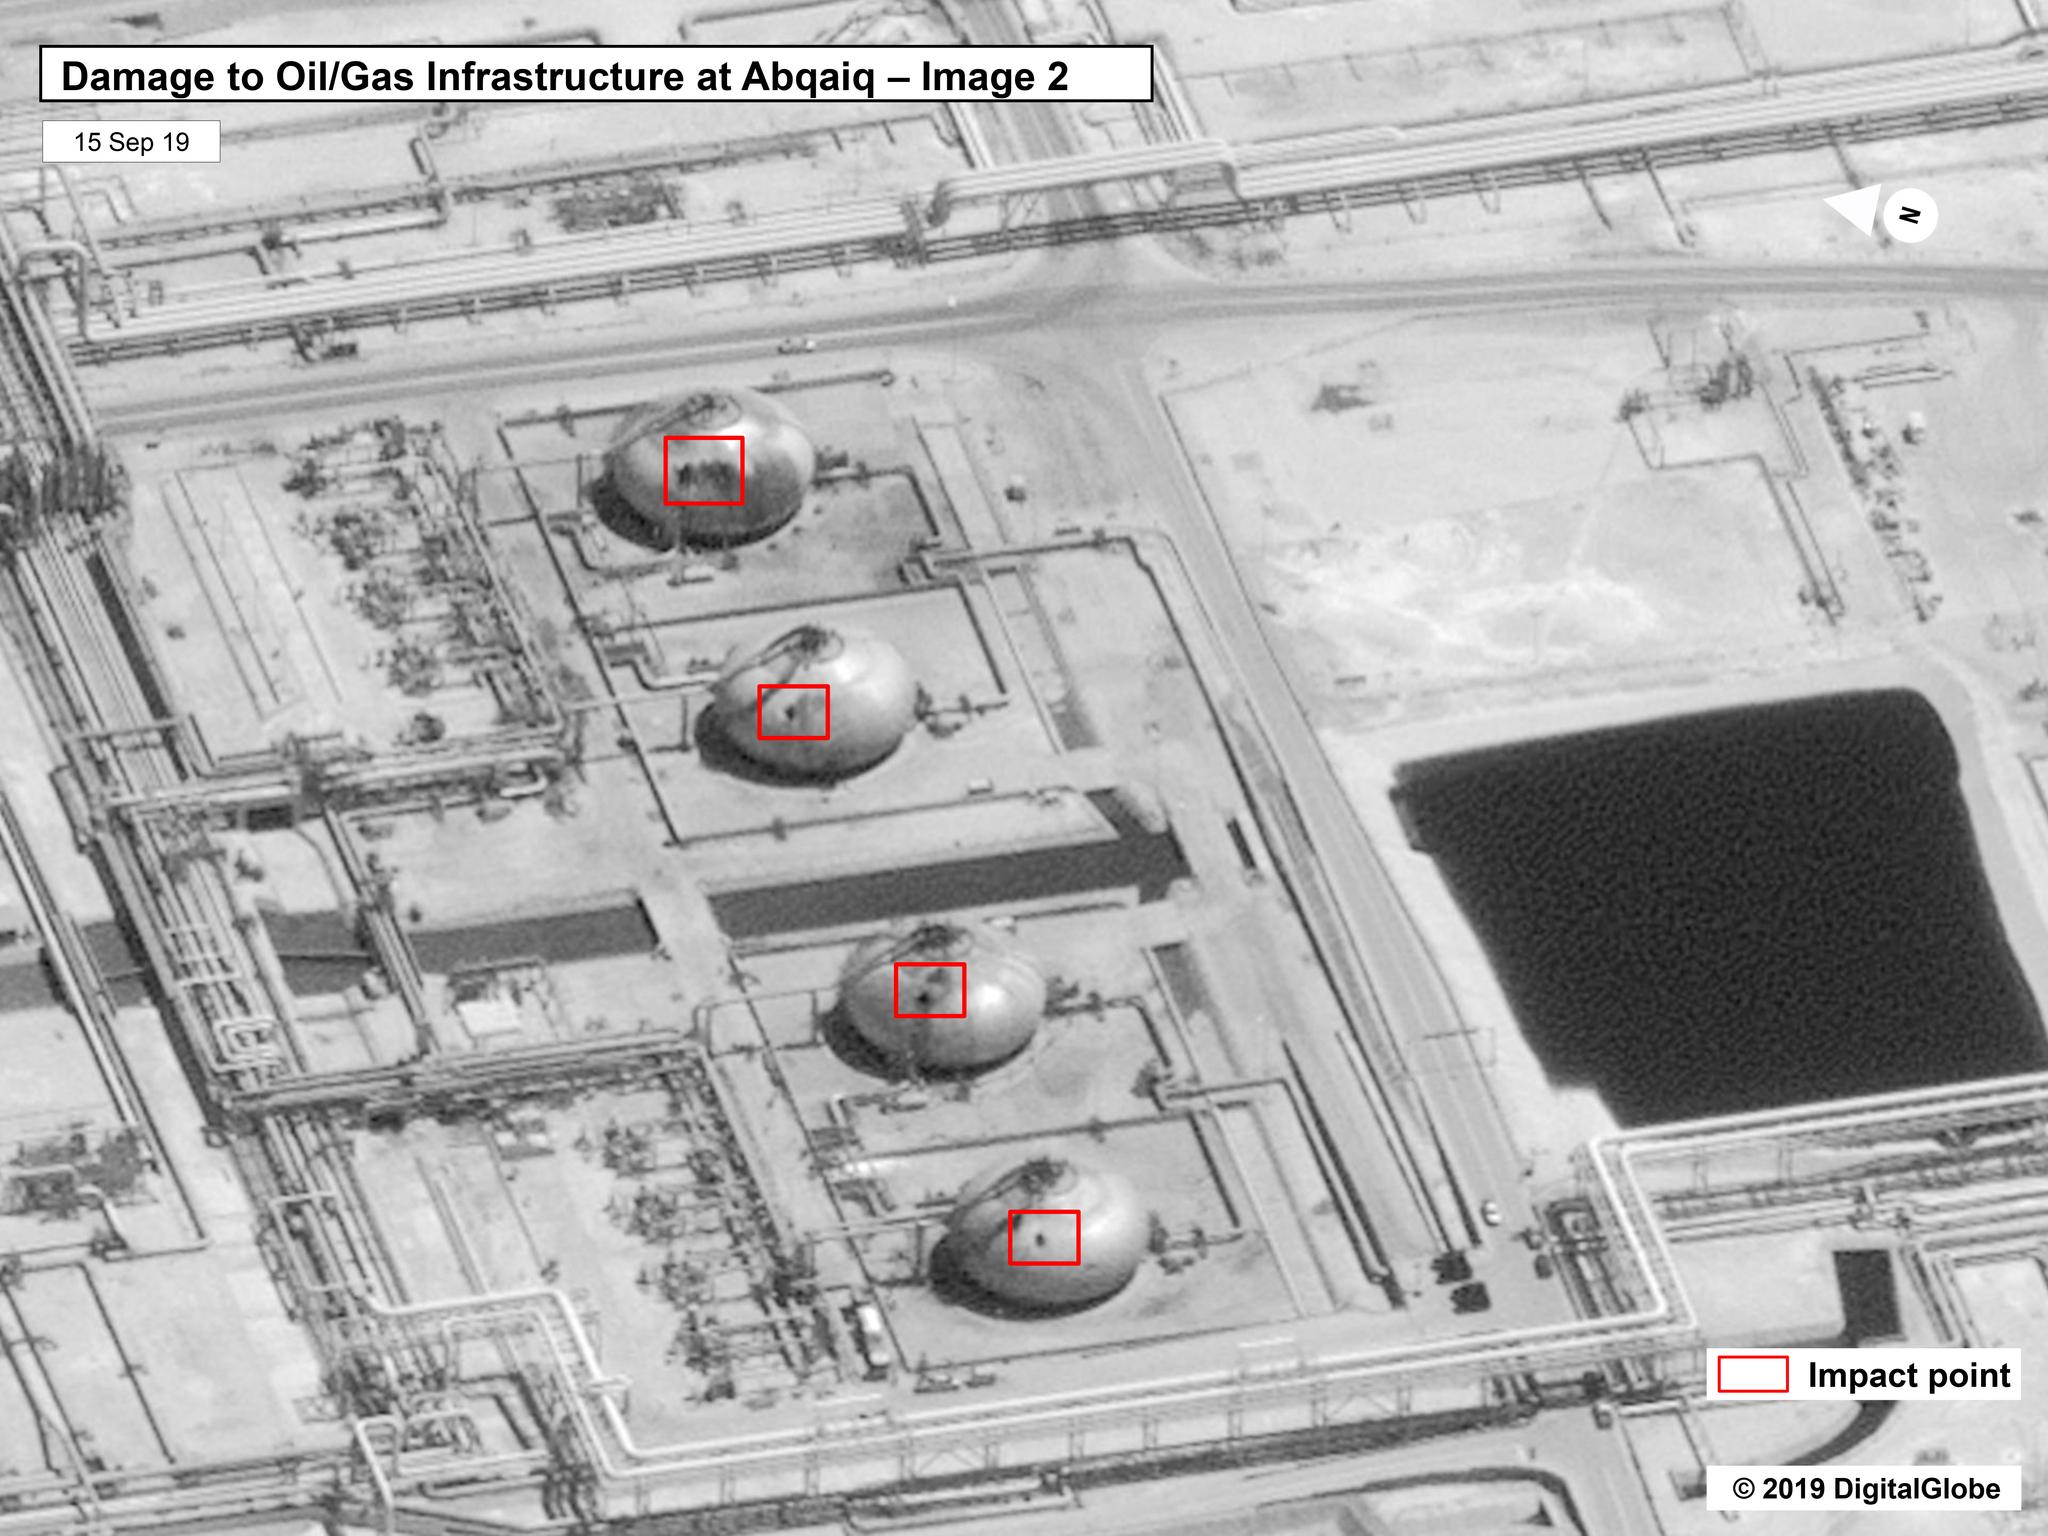 예멘 반군의 드론 공격을 받은 사우디아라비아 아라모의 최대 석유 탈황·정제 시설인 아브카이크 단지. 드론의 공격을 받은 것으로 추정되는 구멍들이 보인다. [AP=연합뉴스]